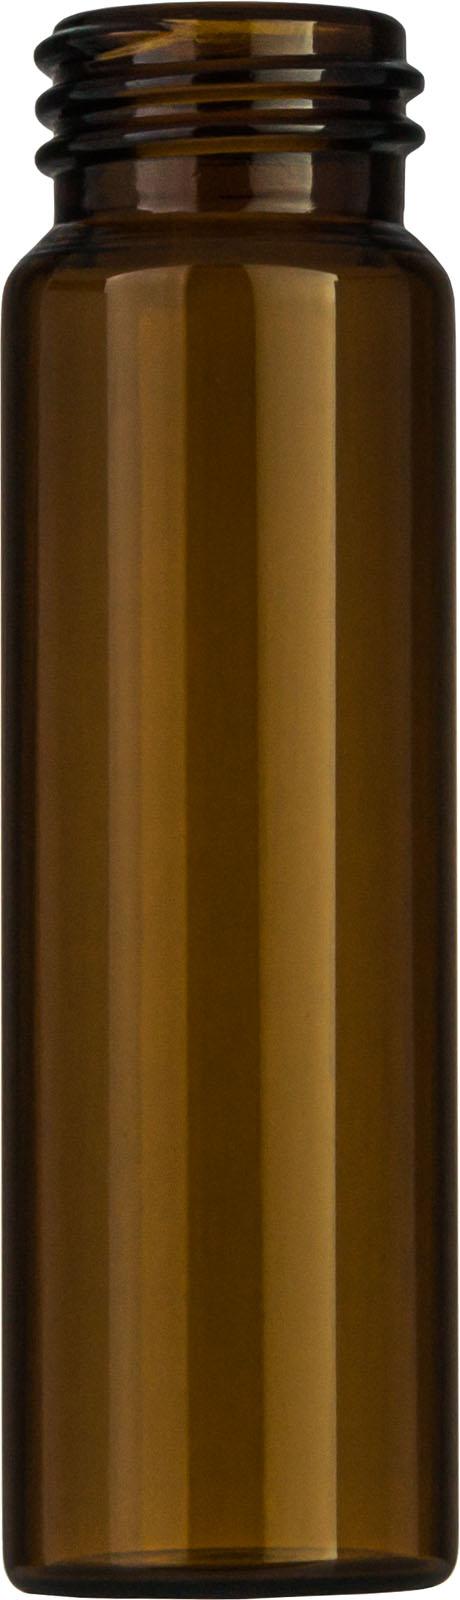 Vial N24-40, GW, b, 27,5x95, flach